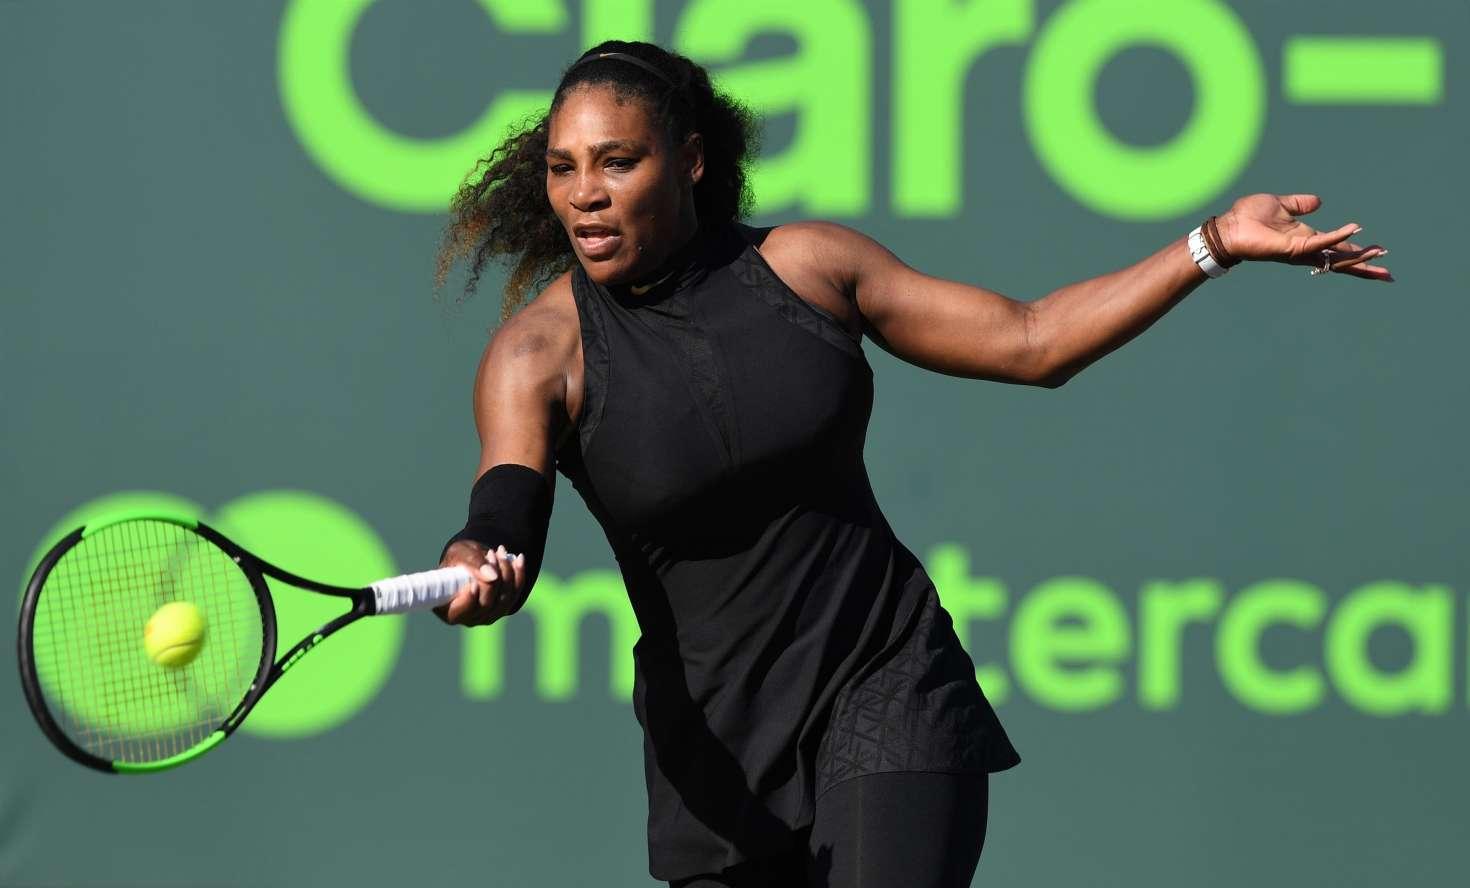 Serena Williams 2018 : Serena Williams: 2018 Miami Open -26